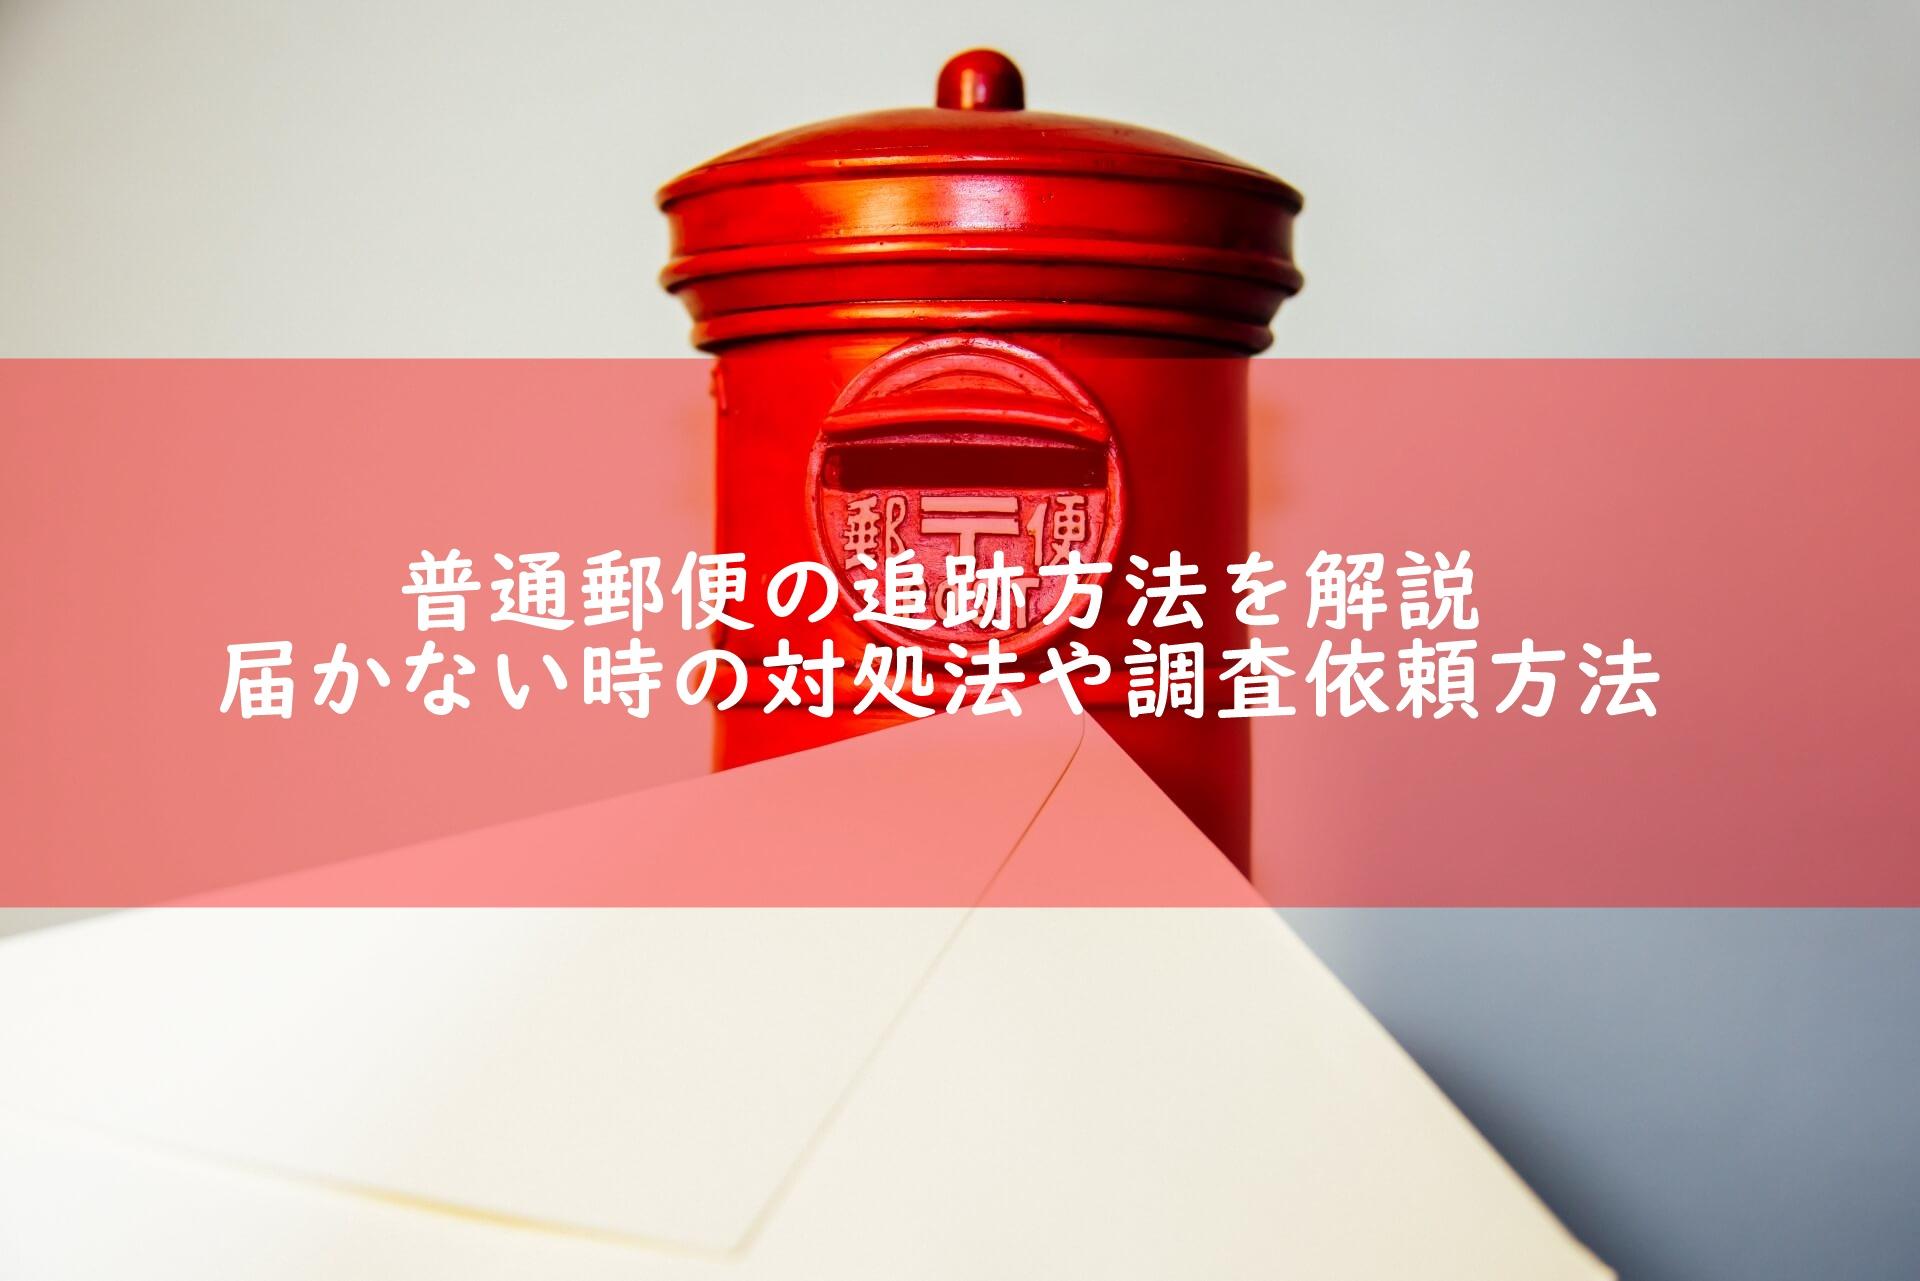 普通郵便の追跡方法を解説|届かない時の対処法や調査依頼方法